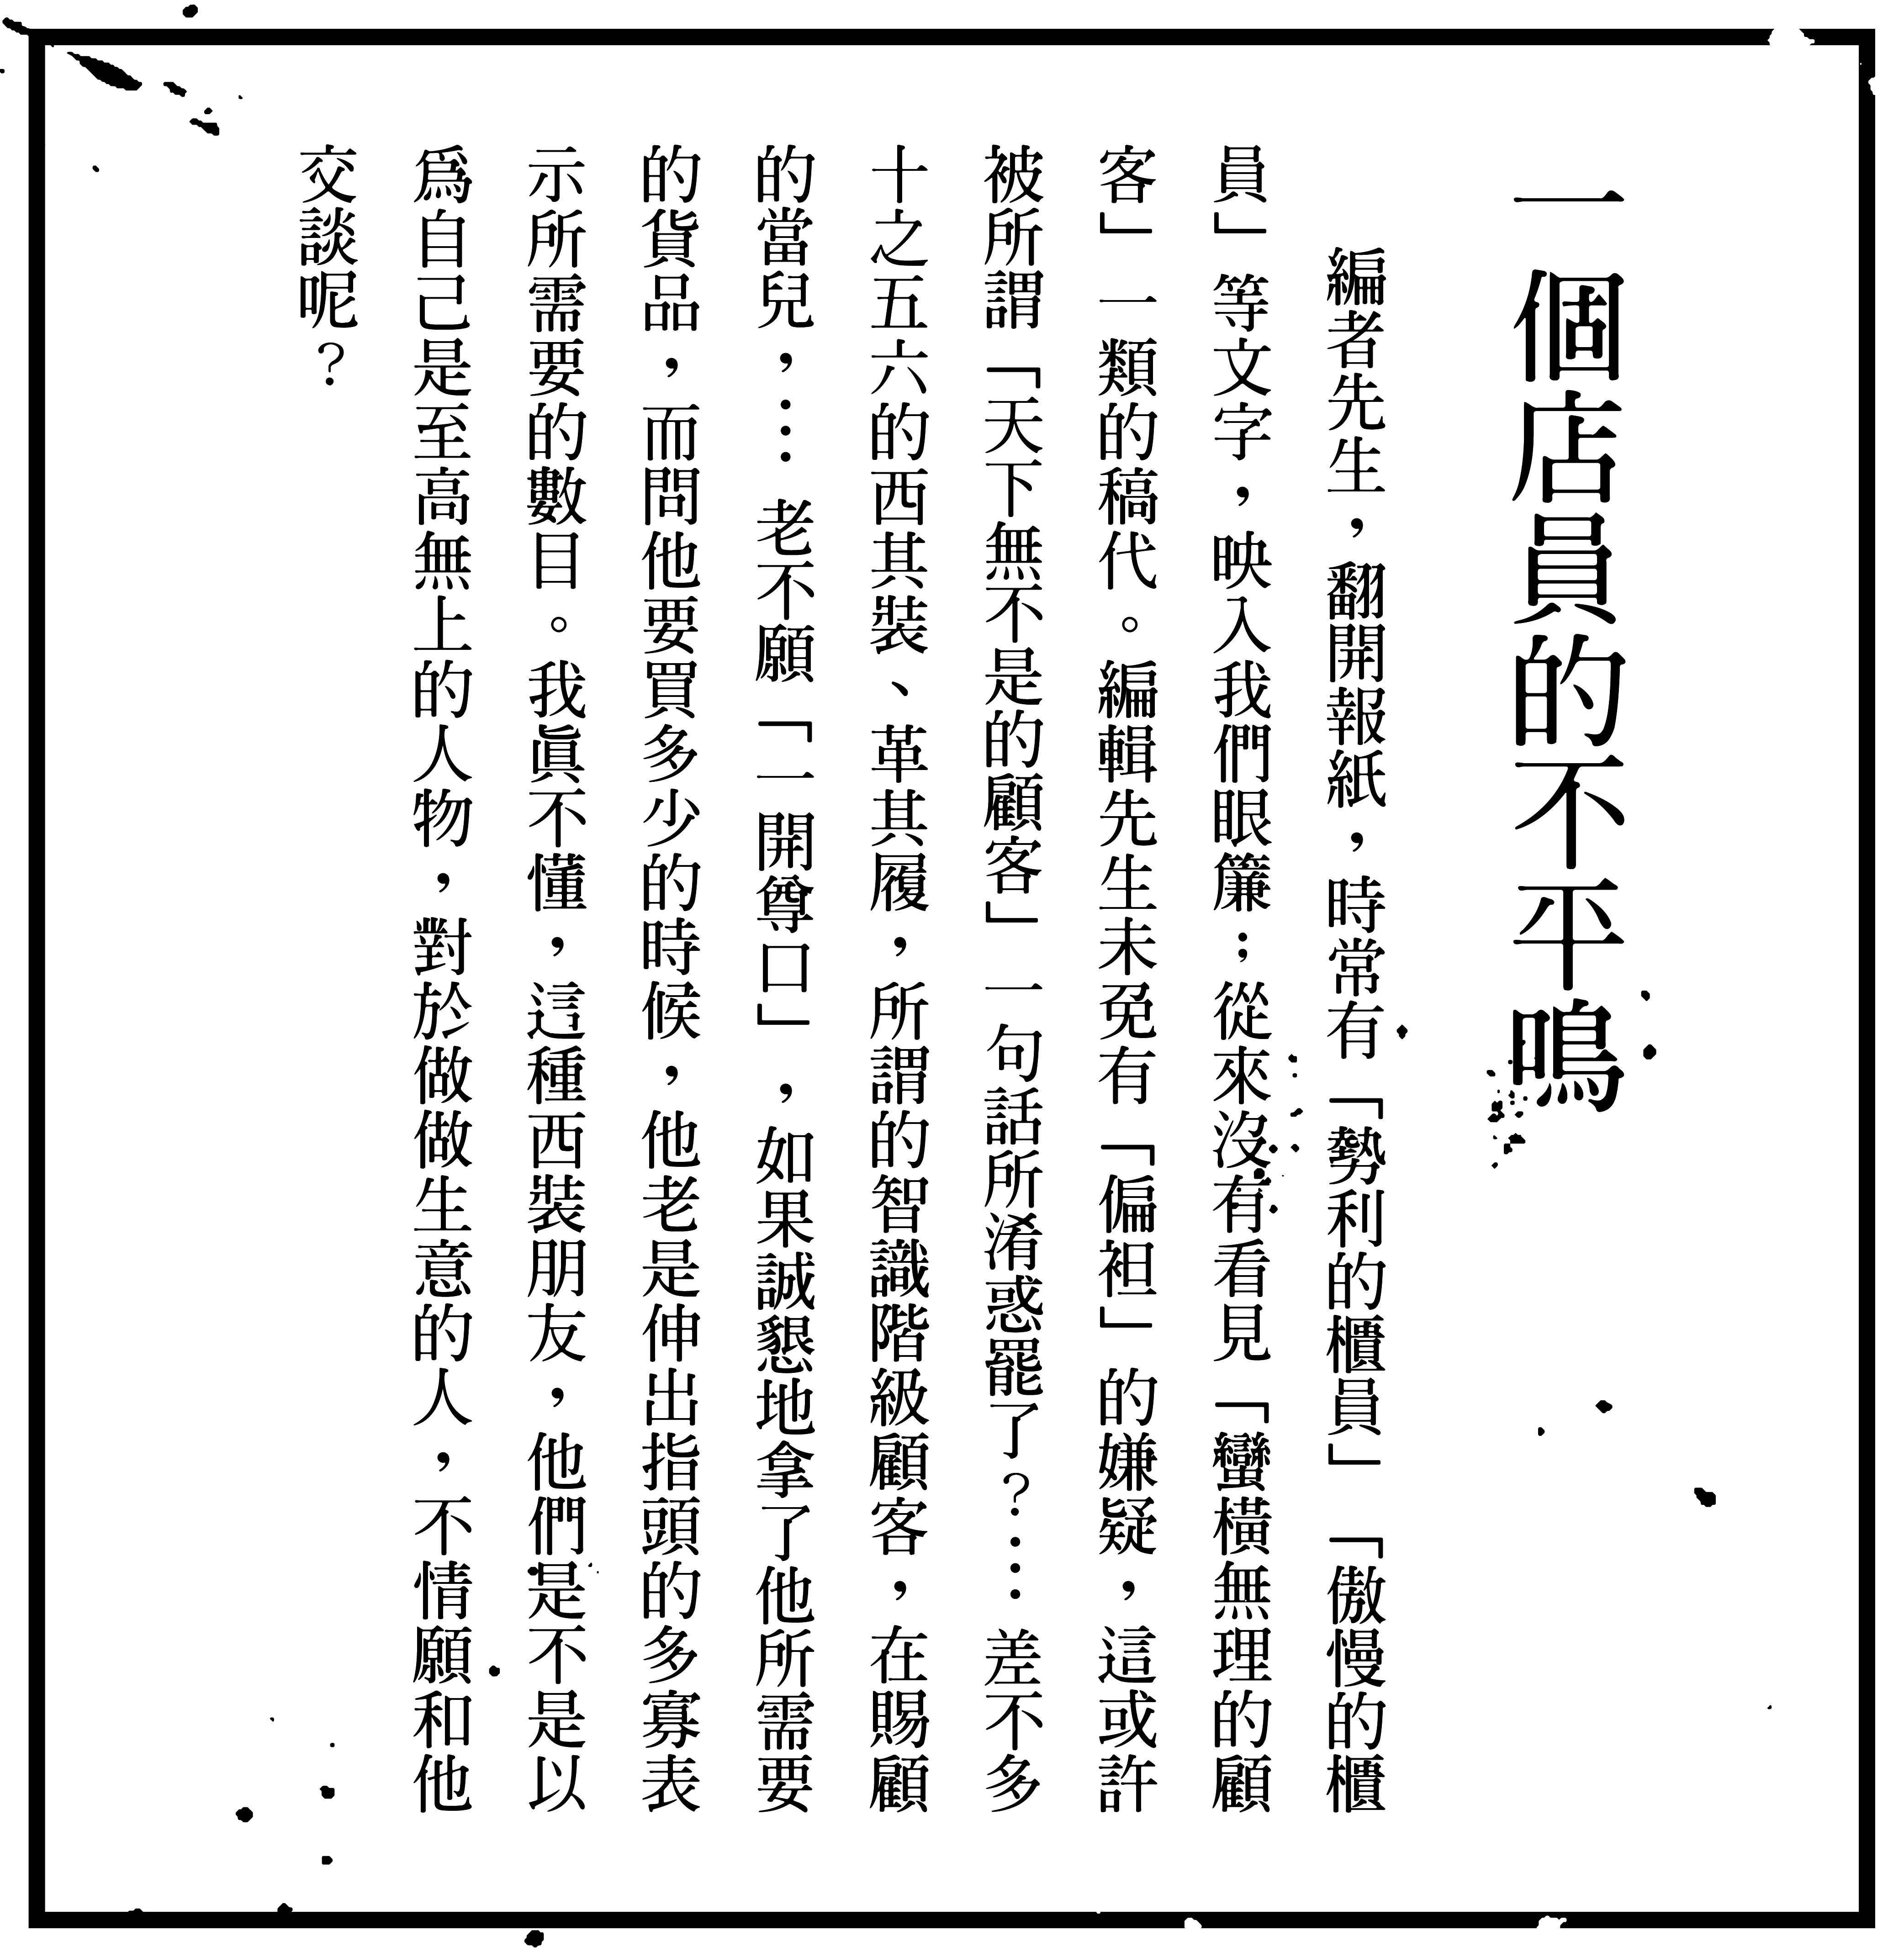 ──摘自〈一個店員的不平鳴〉,《申報》, 1933 年 1 月 24 日,本埠增刊第2版。